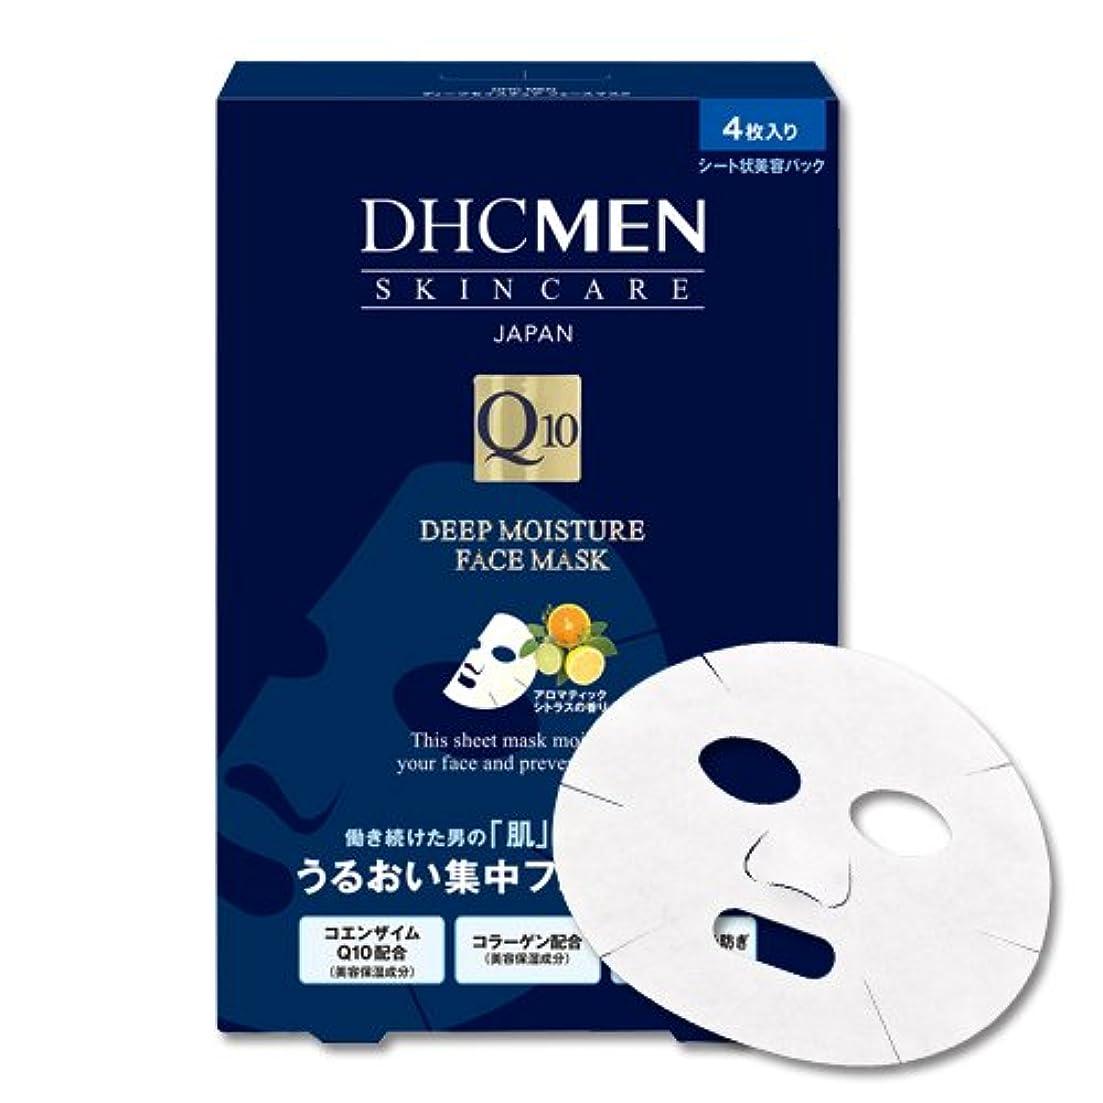 心から量DHC MEN ディープモイスチュア フェースマスク